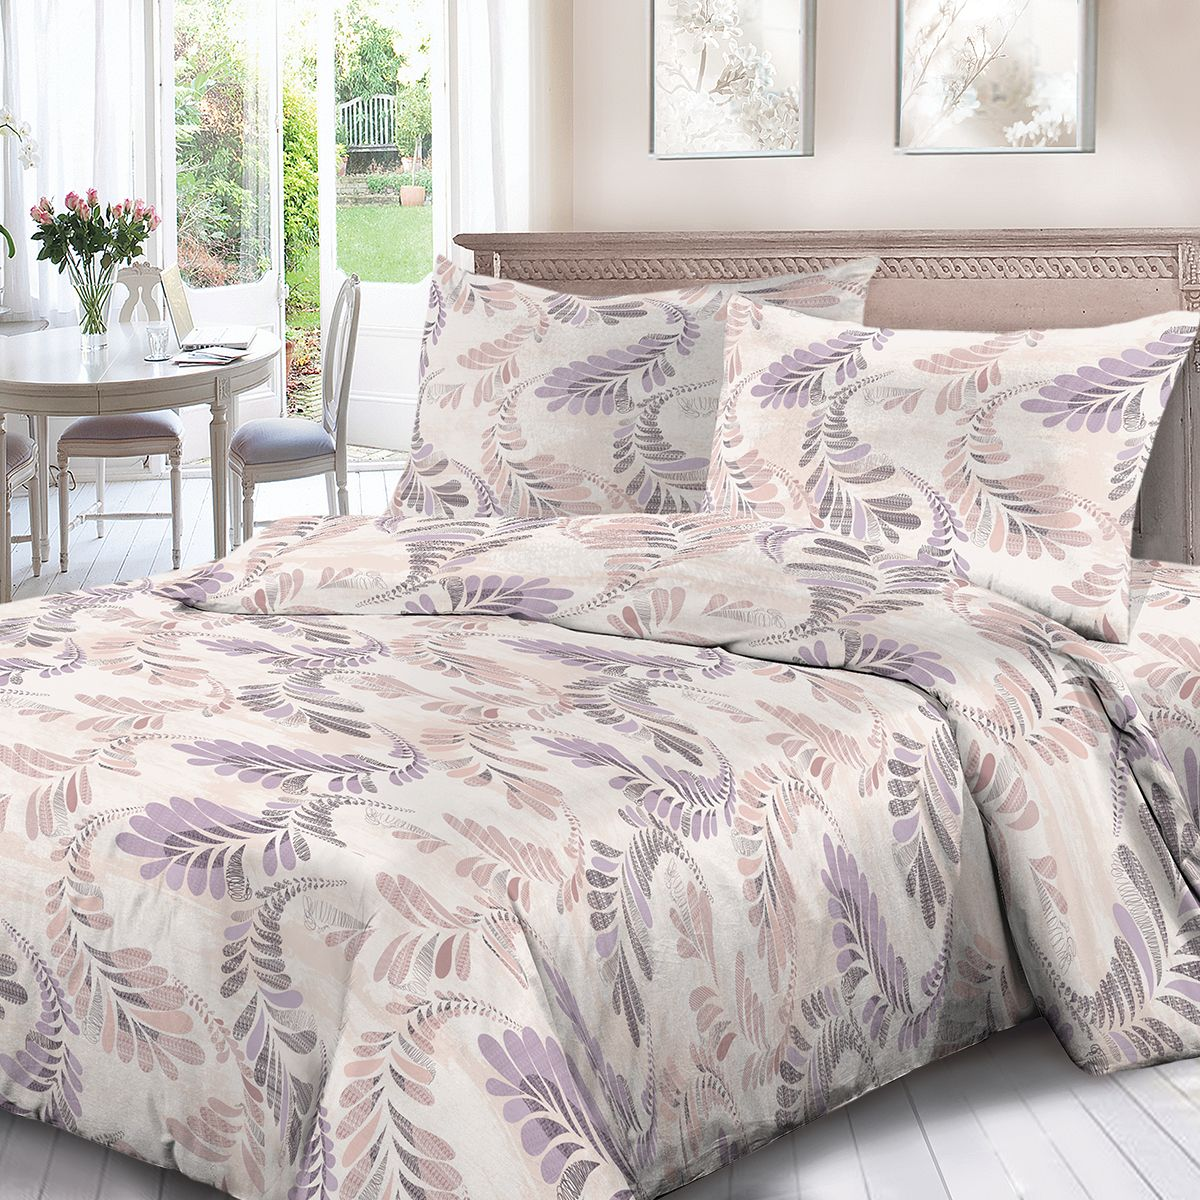 Комплект белья Для Снов Луисвилль, 2-х спальное, наволочки 70x70, цвет: сиреневый. 1910-186494